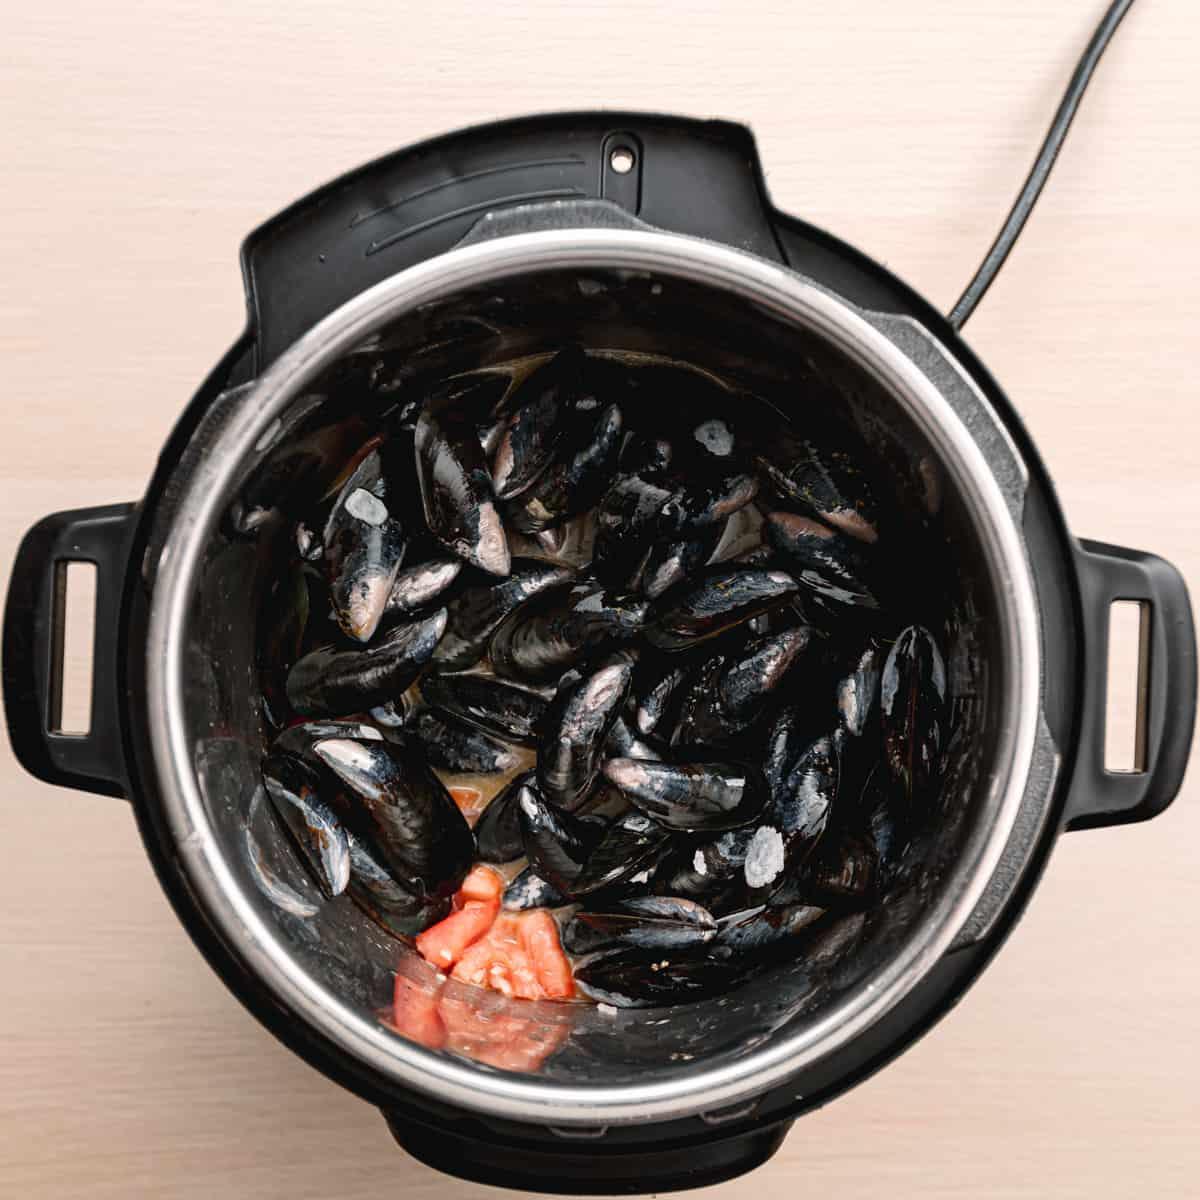 Mussels in a pressure cooker.